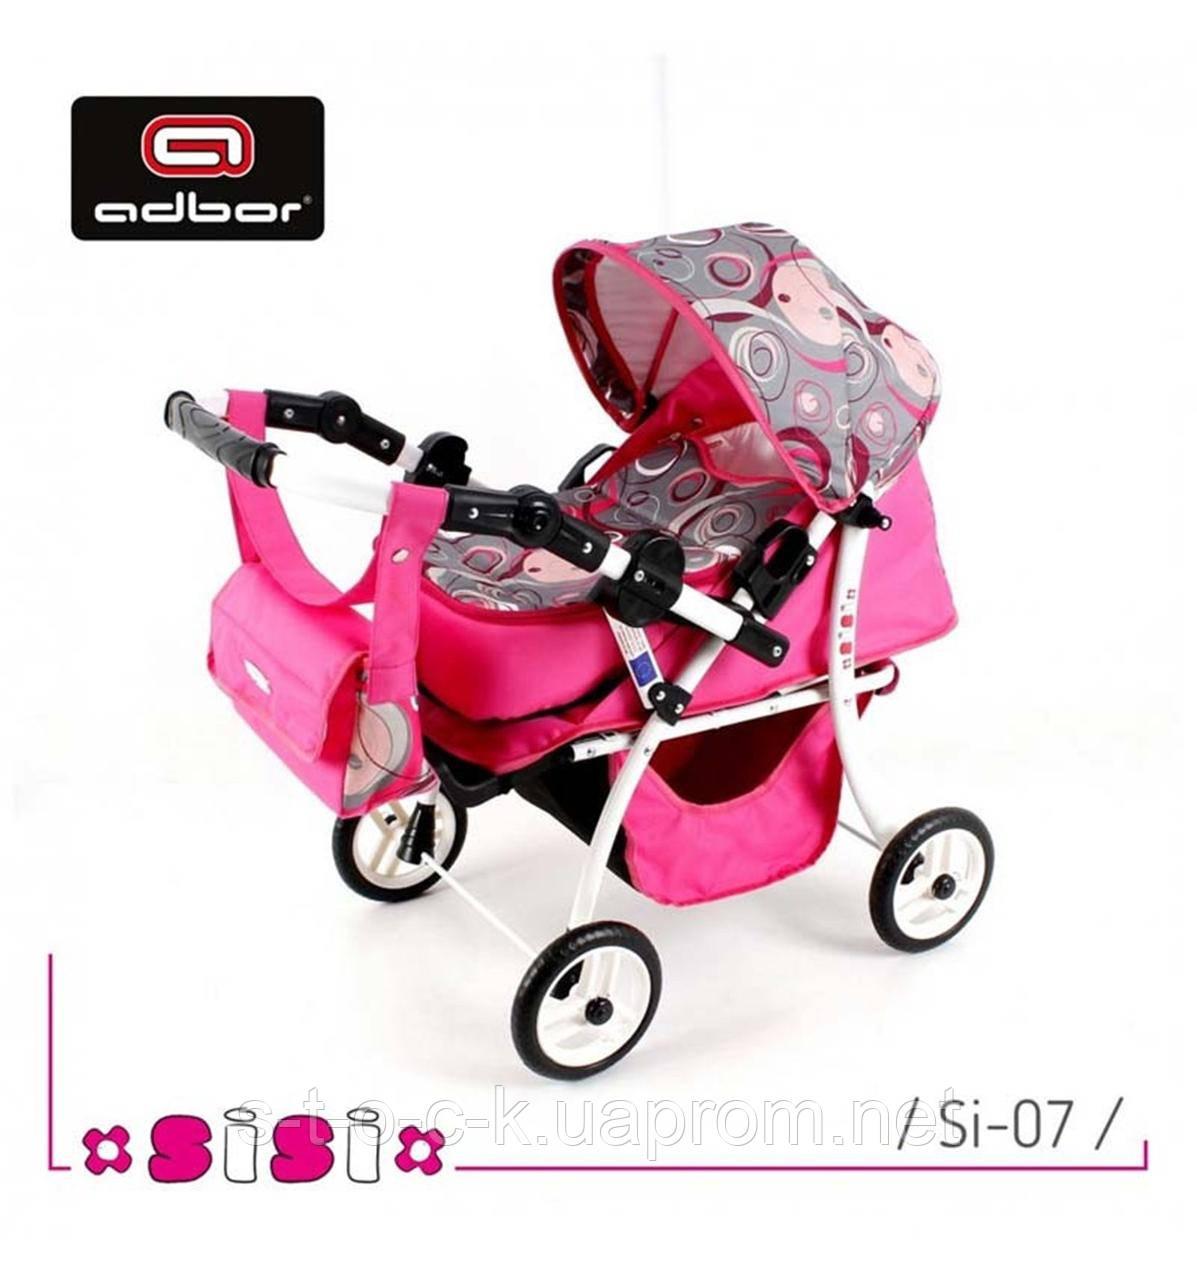 Детская коляска для кукол Sisi от польской фирмы Adbor